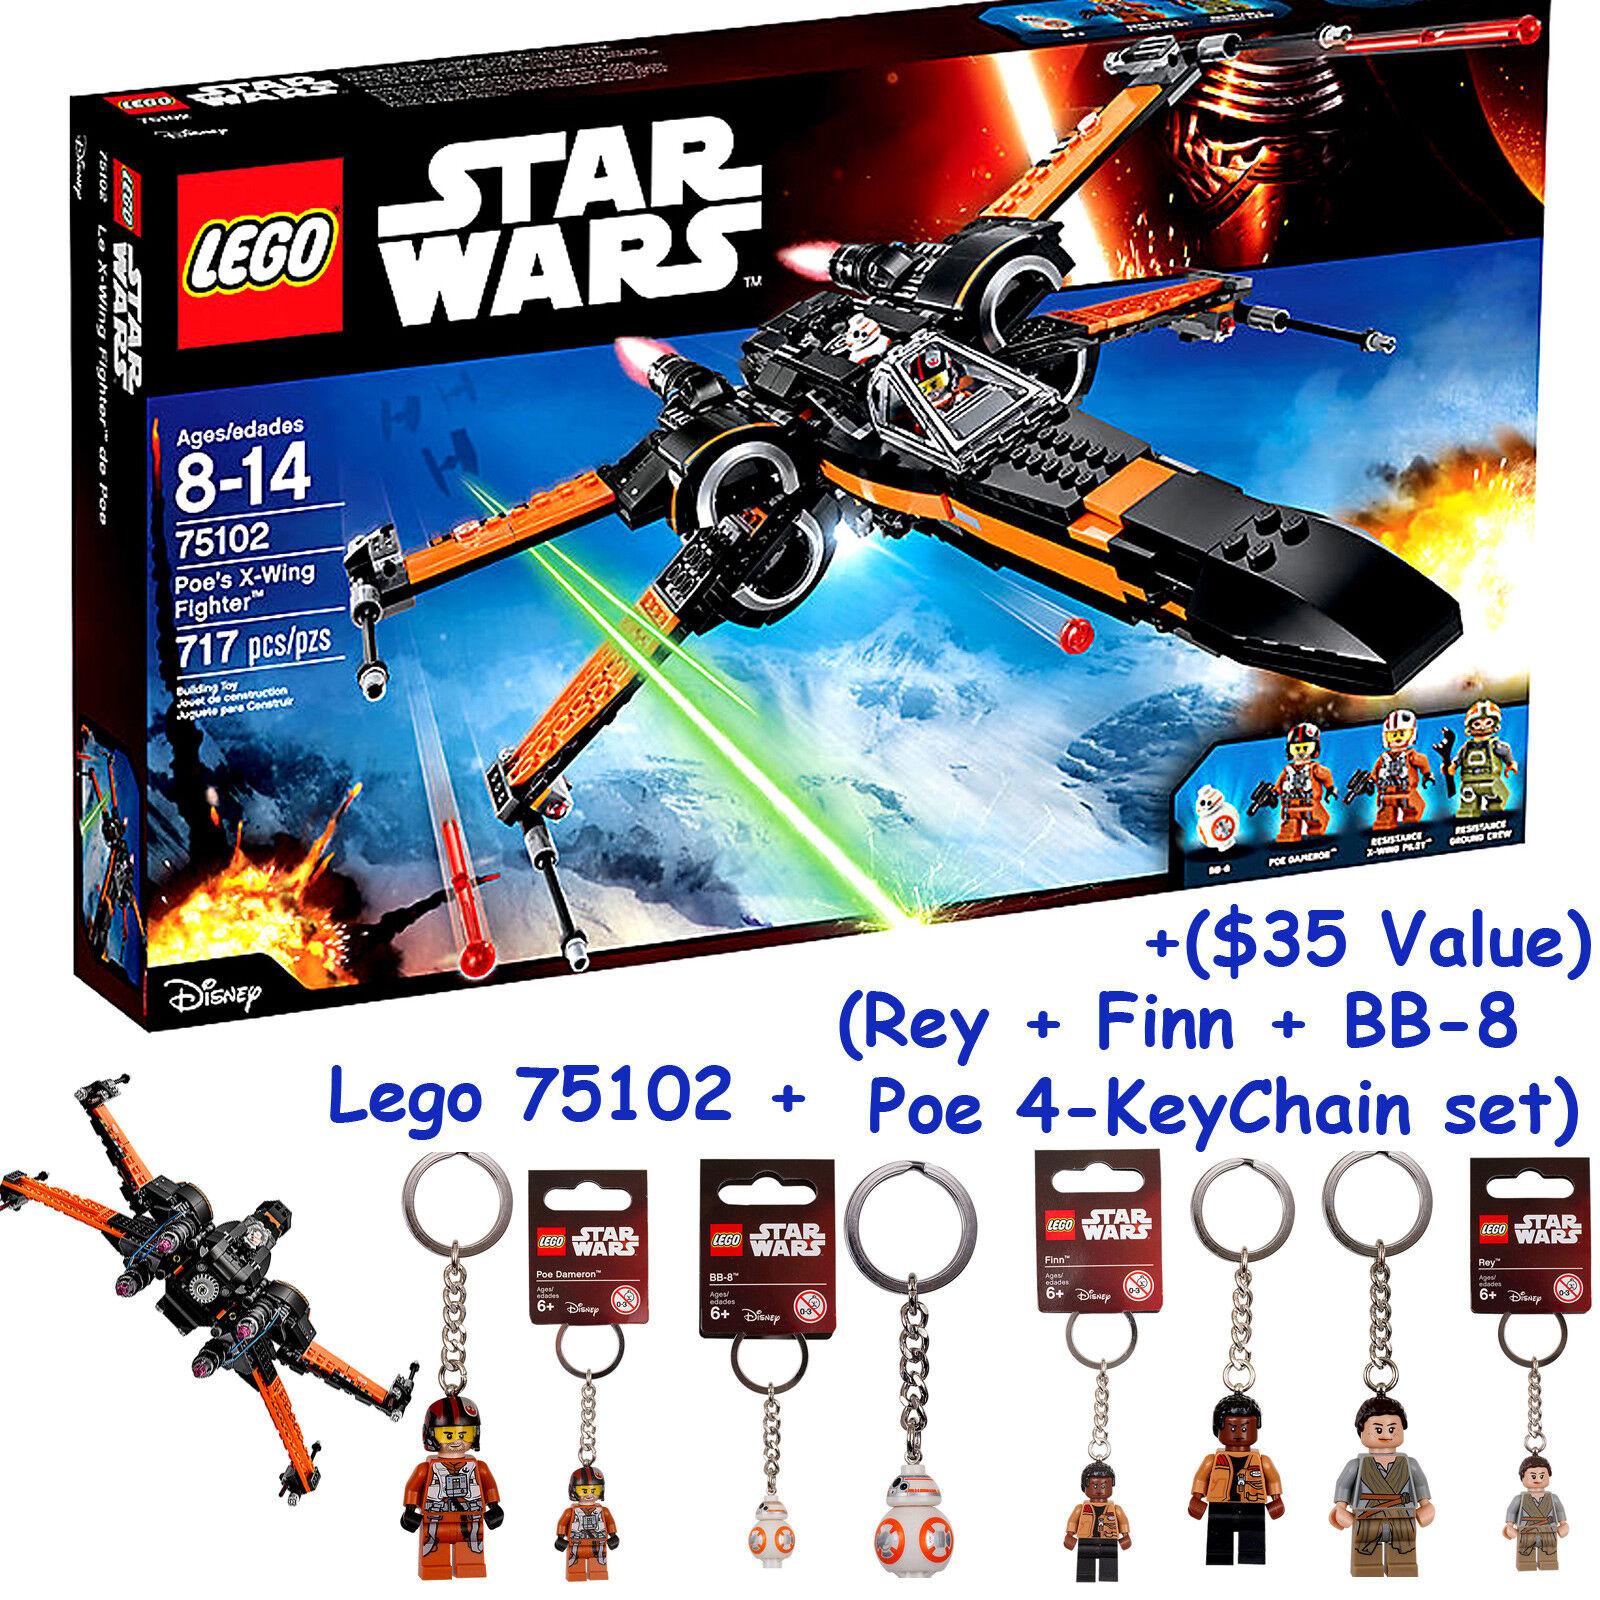 LEGO Star Wars Poe's X-Wing Fighter (75102) + 4-Keychain (Poe Rey Finn BB-8) +FS